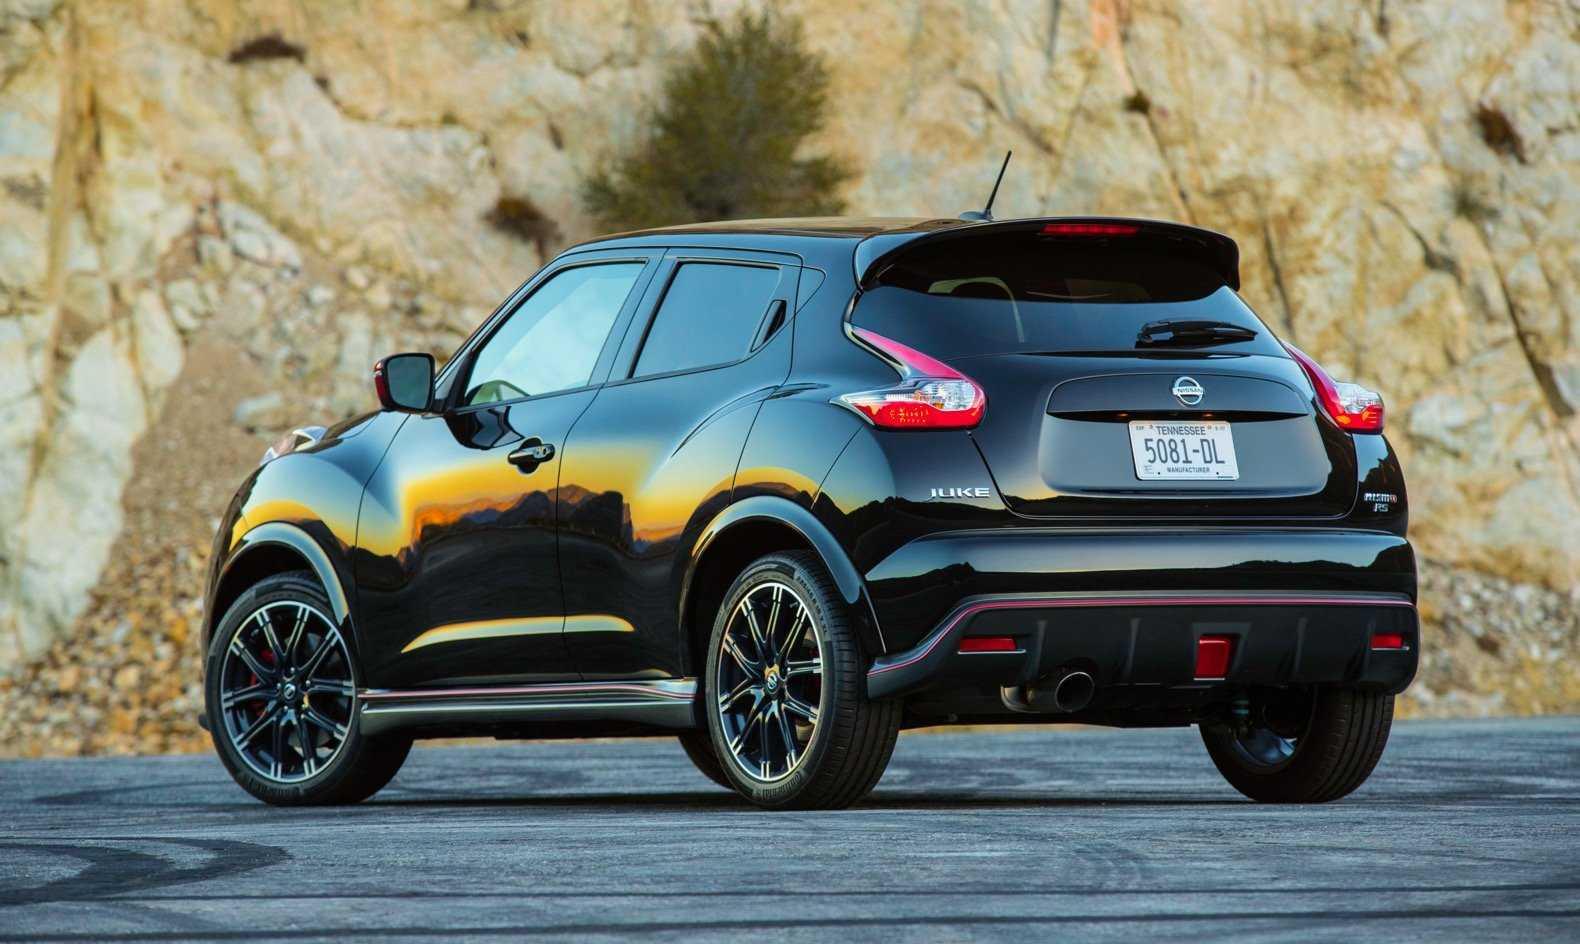 Nissan juke 1.6 cvt 2wd le (05.2011 - 10.2014) - технические характеристики